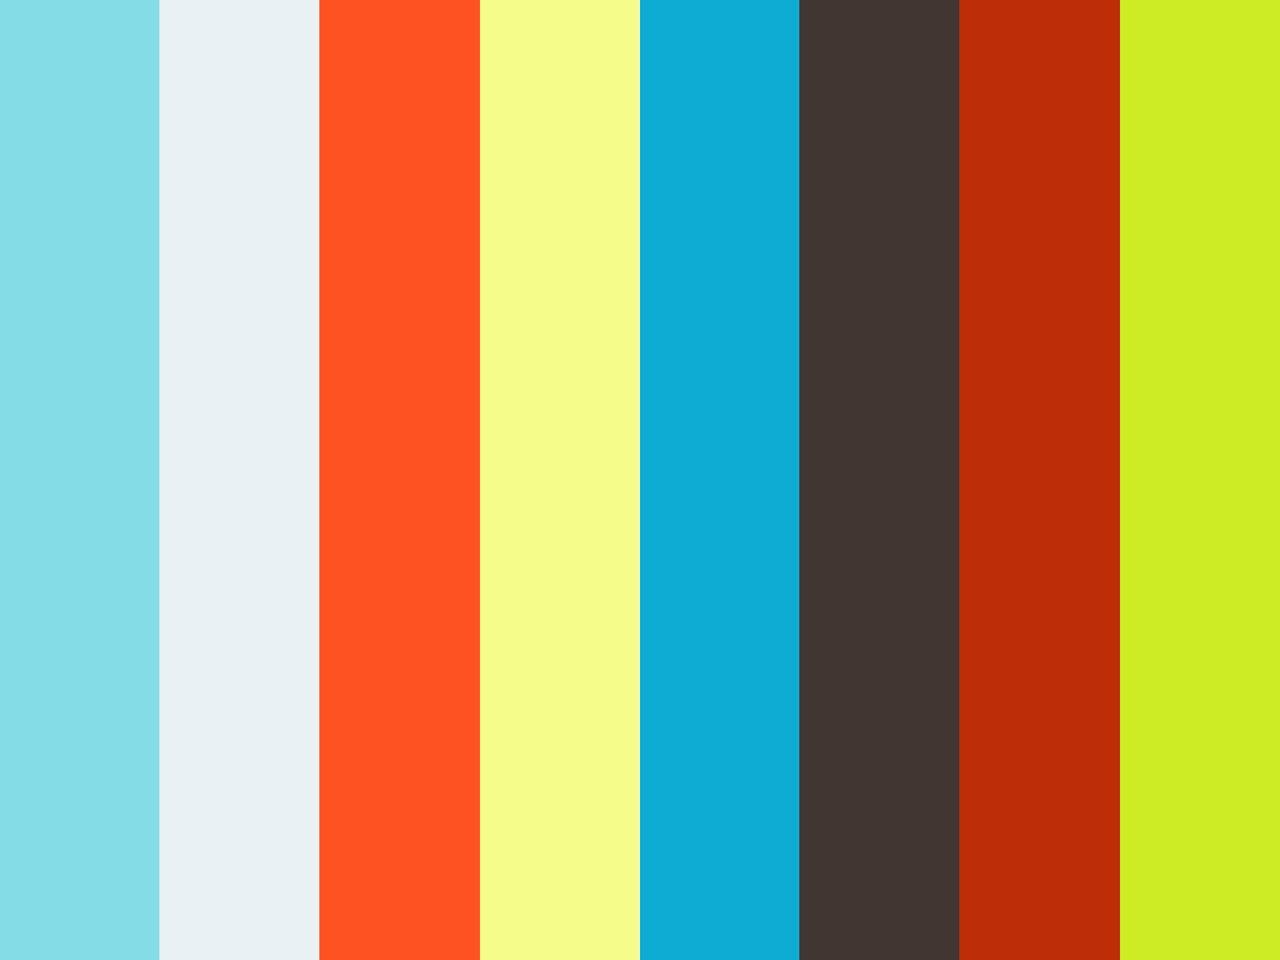 Pennzoil Joyride - VFX Breakdowns